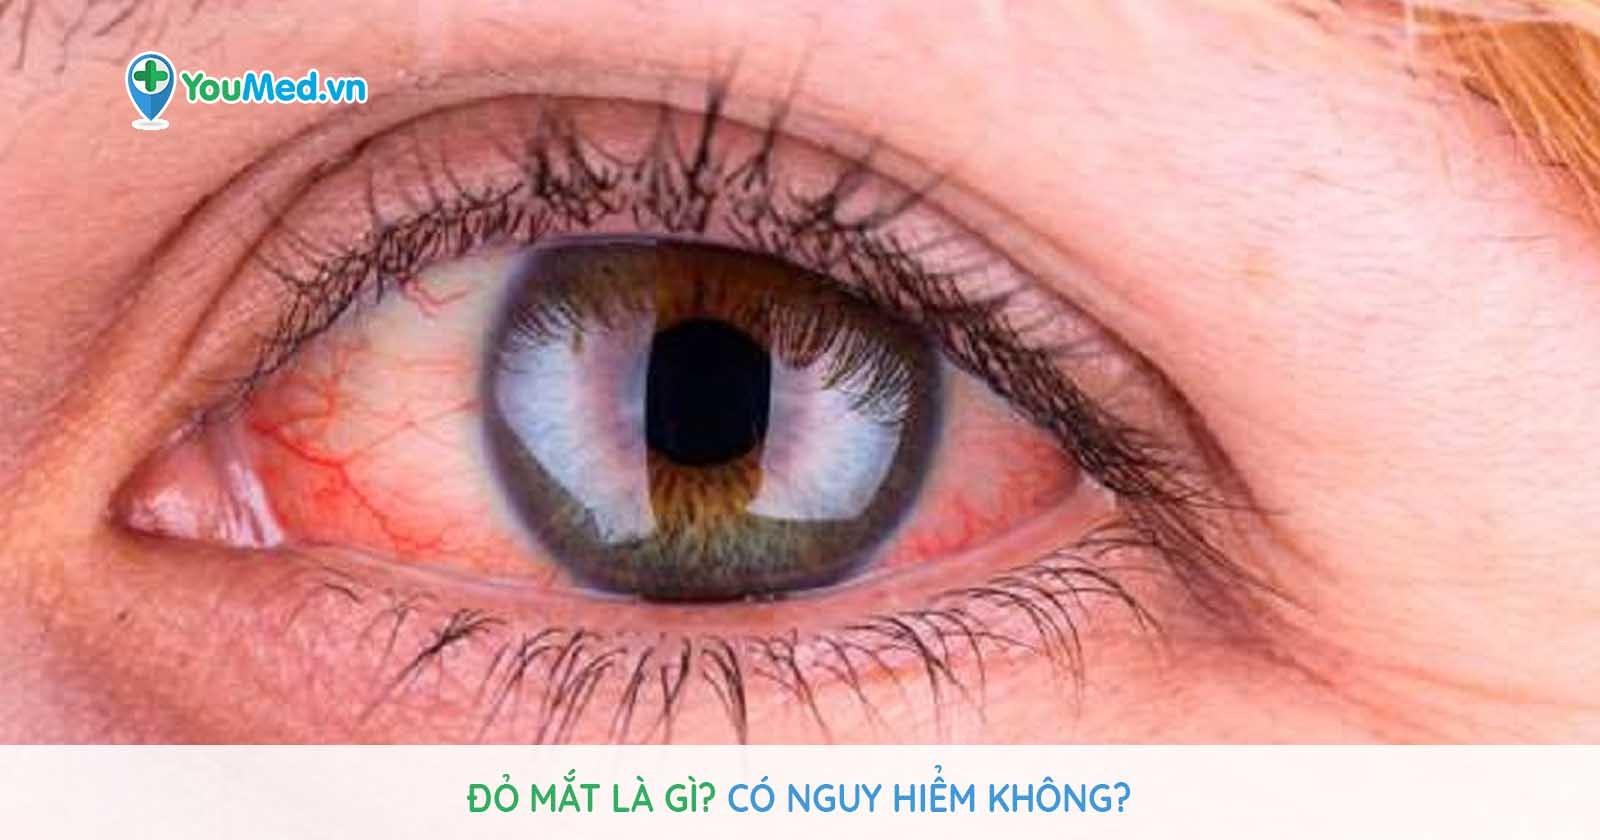 Đỏ mắt do đâu? Có thực sự nguy hiểm?